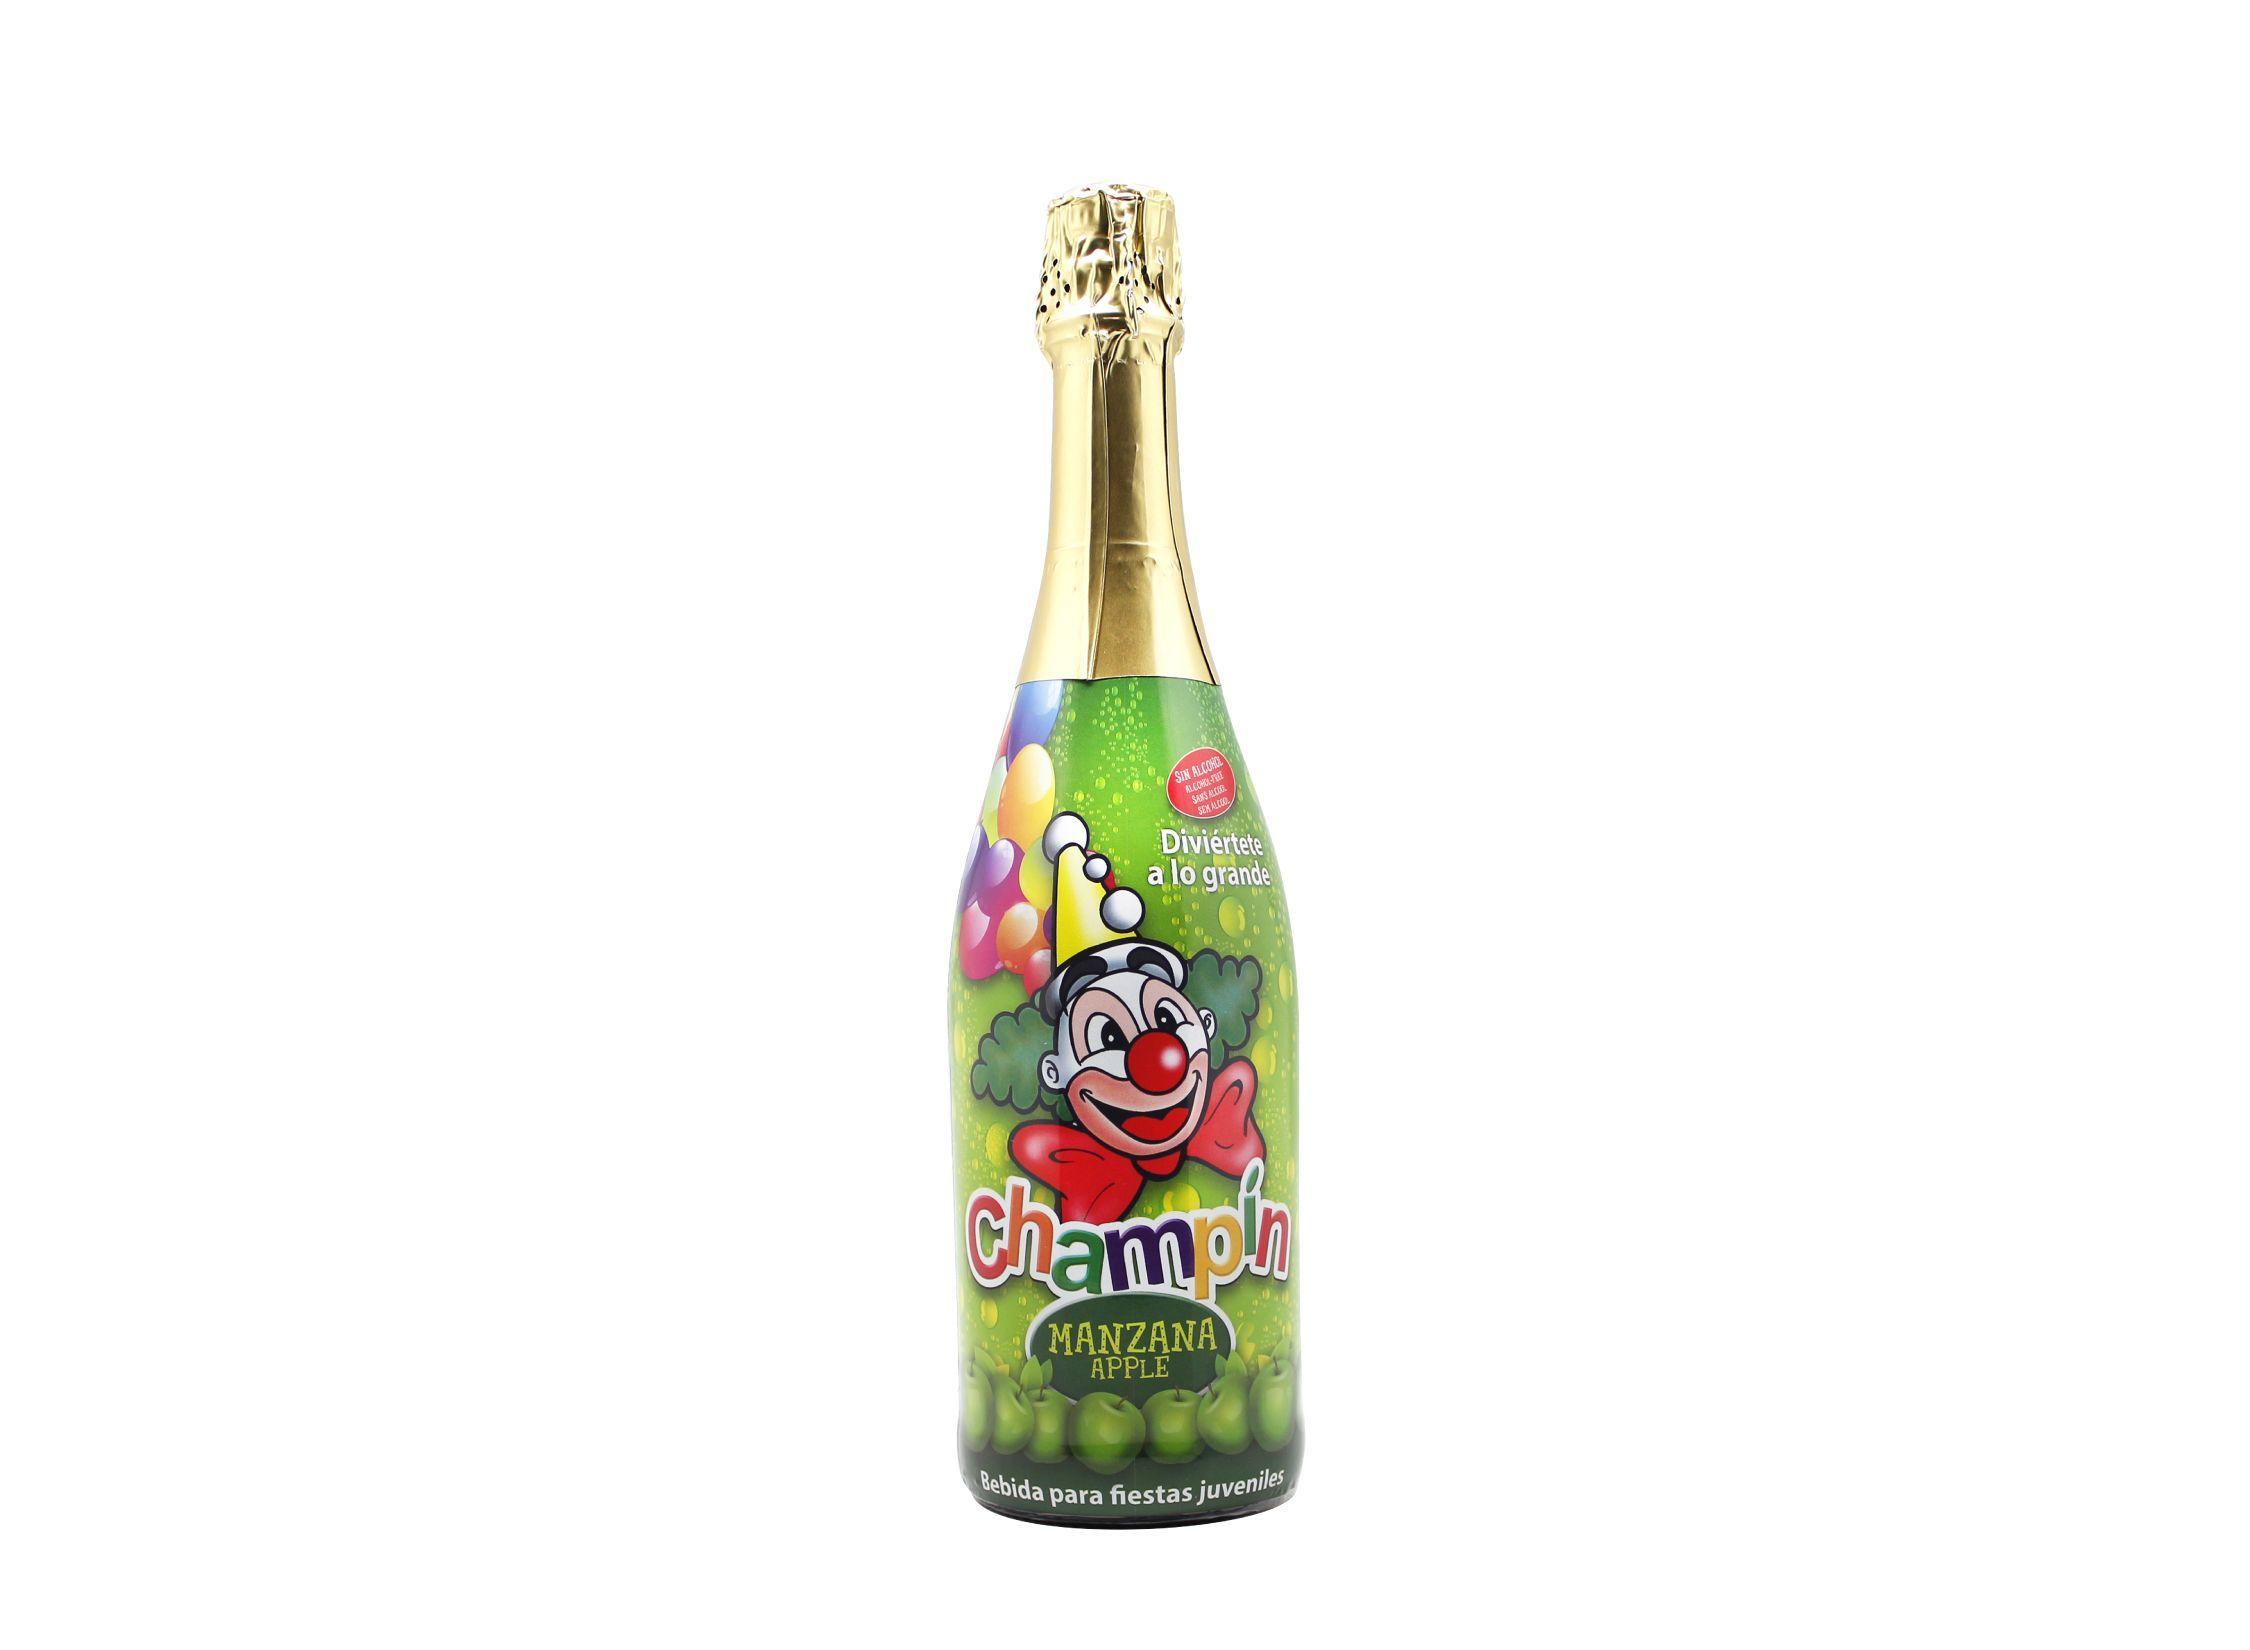 Botella de 75cl de Champín Manzana, como el champín de siempre pero ahora en sabor manzana